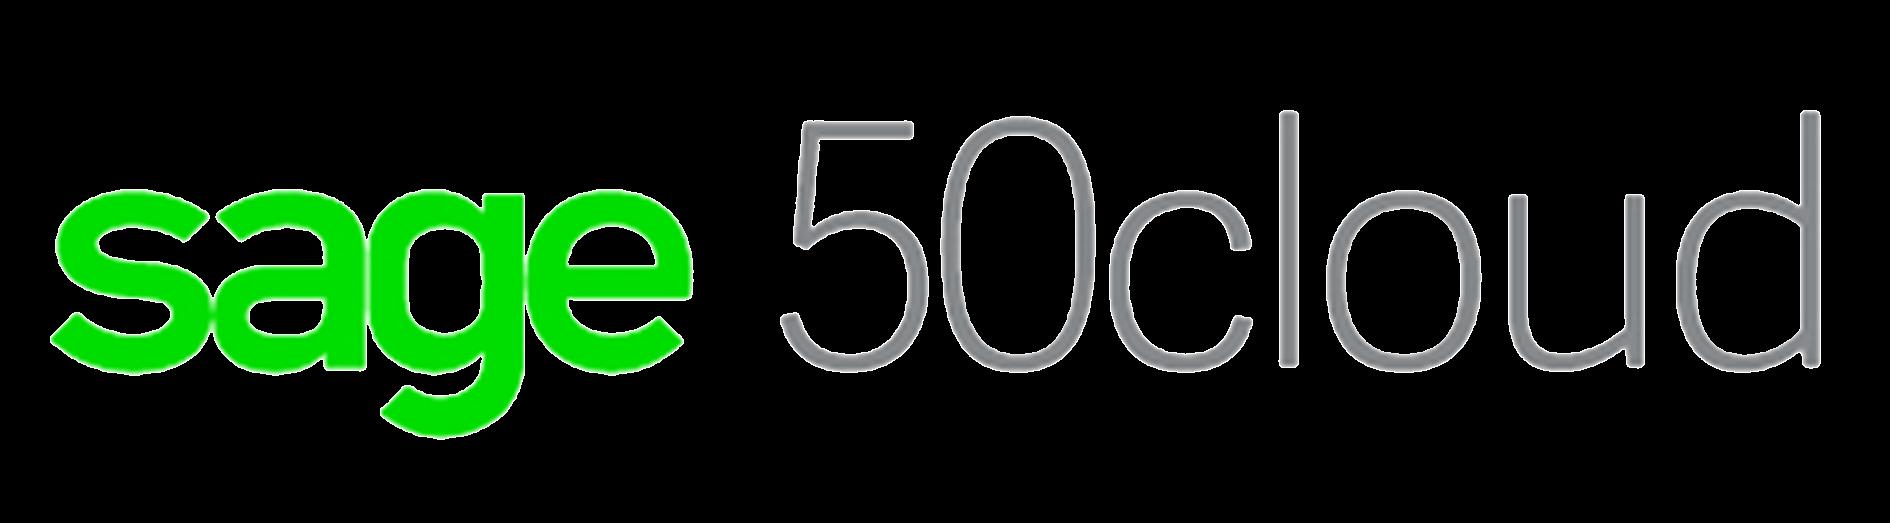 Buchhaltungssoftware Vergleich Sage 50 Cloud